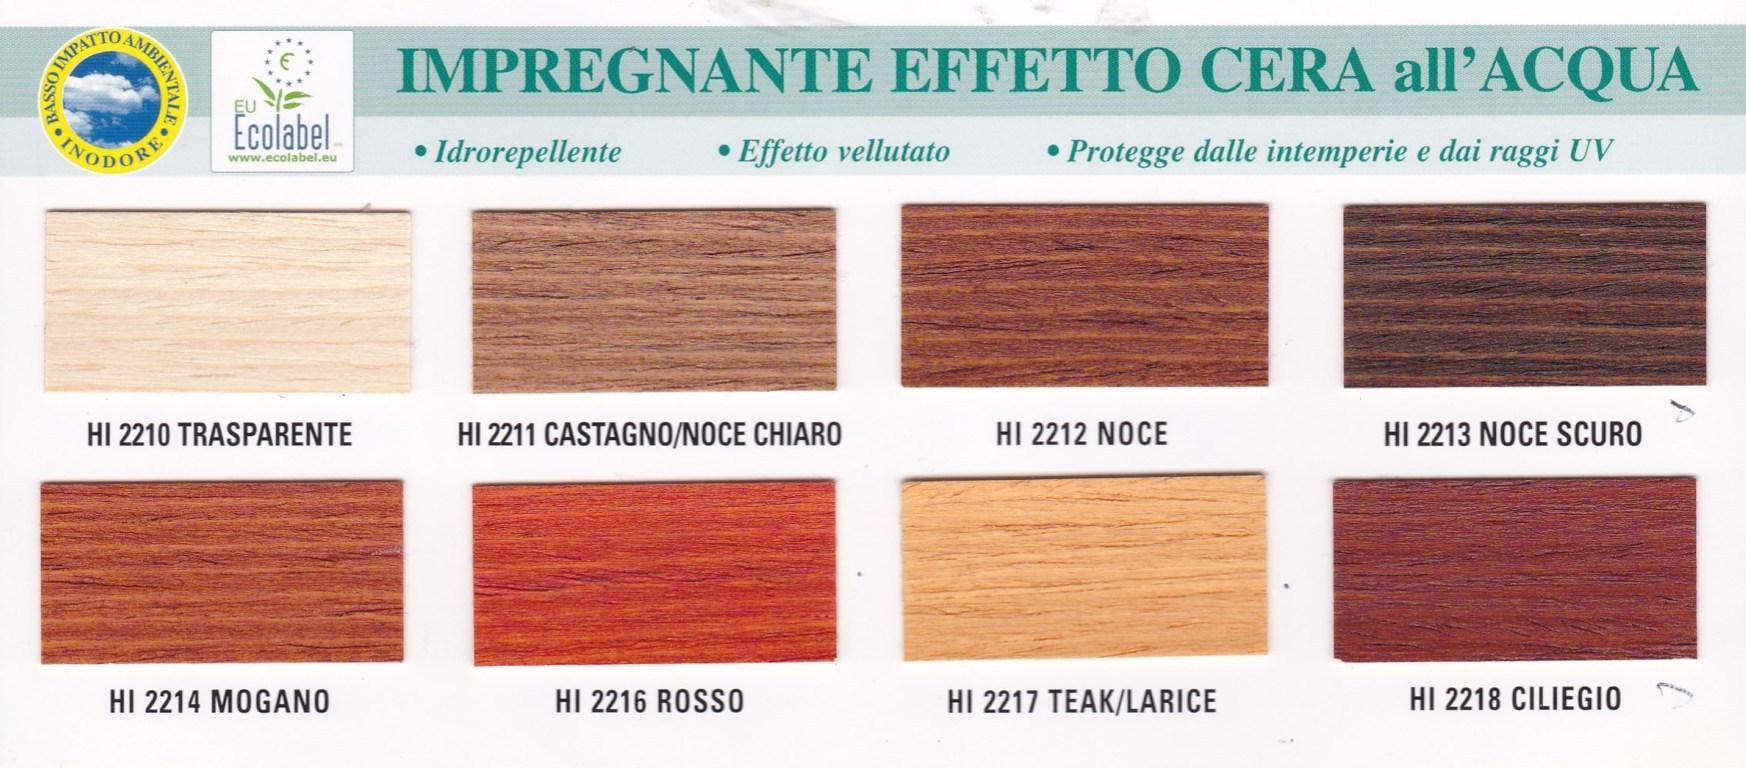 Sayerlack Hi221x Impregnante Acqua Effetto Cera Colori Vari Starcolor